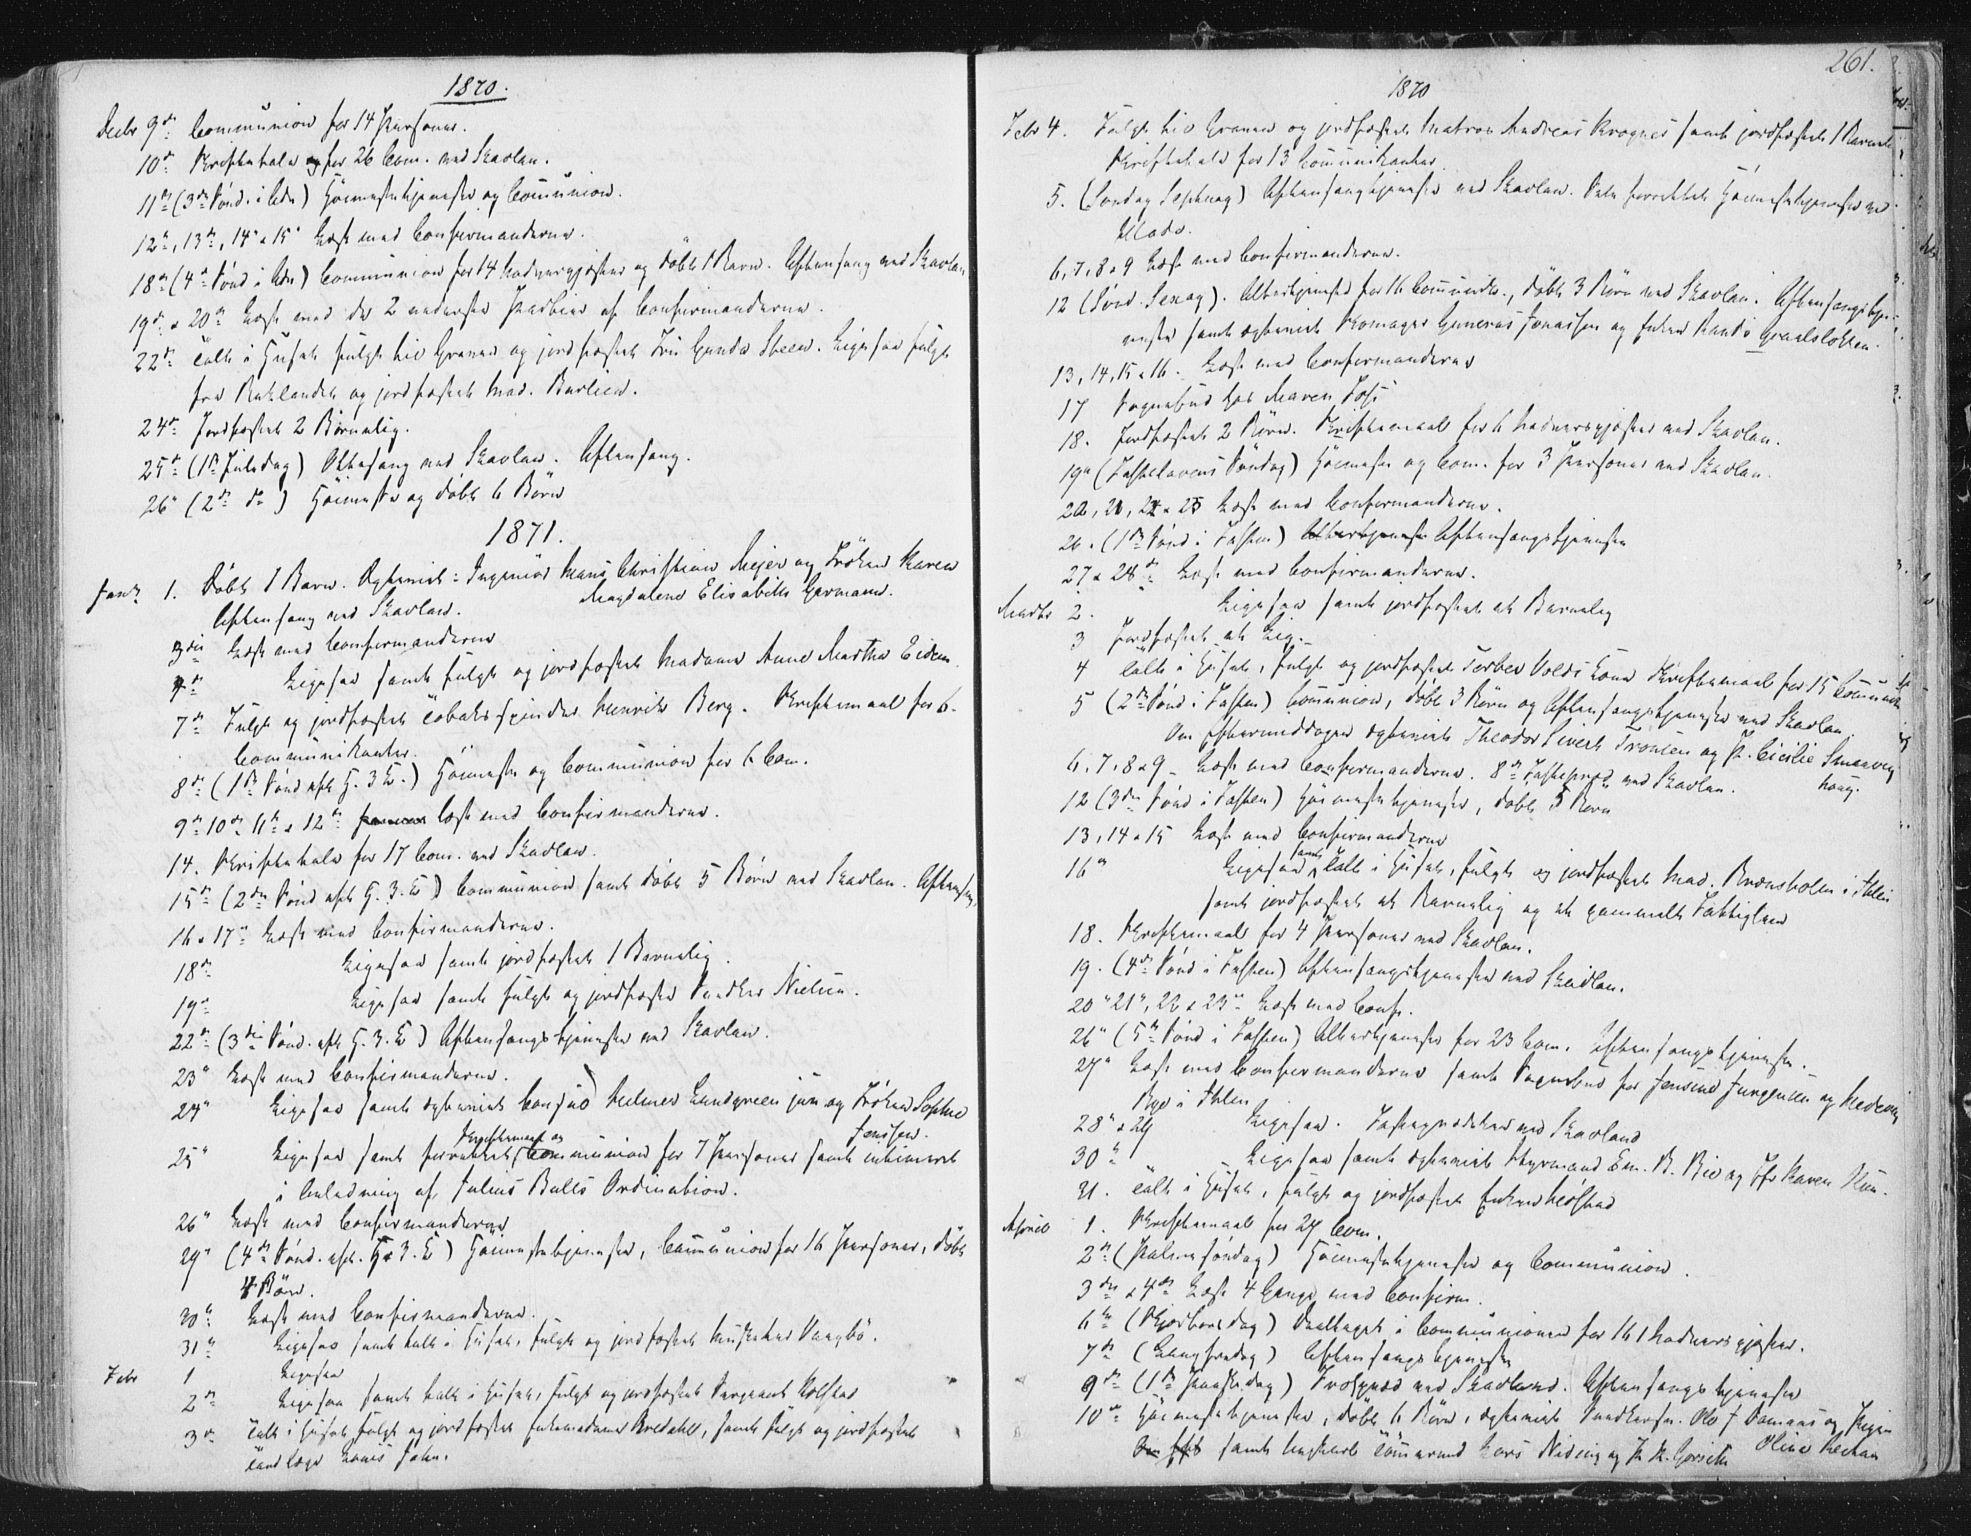 SAT, Ministerialprotokoller, klokkerbøker og fødselsregistre - Sør-Trøndelag, 602/L0127: Residerende kapellans bok nr. 602B01, 1821-1875, s. 261